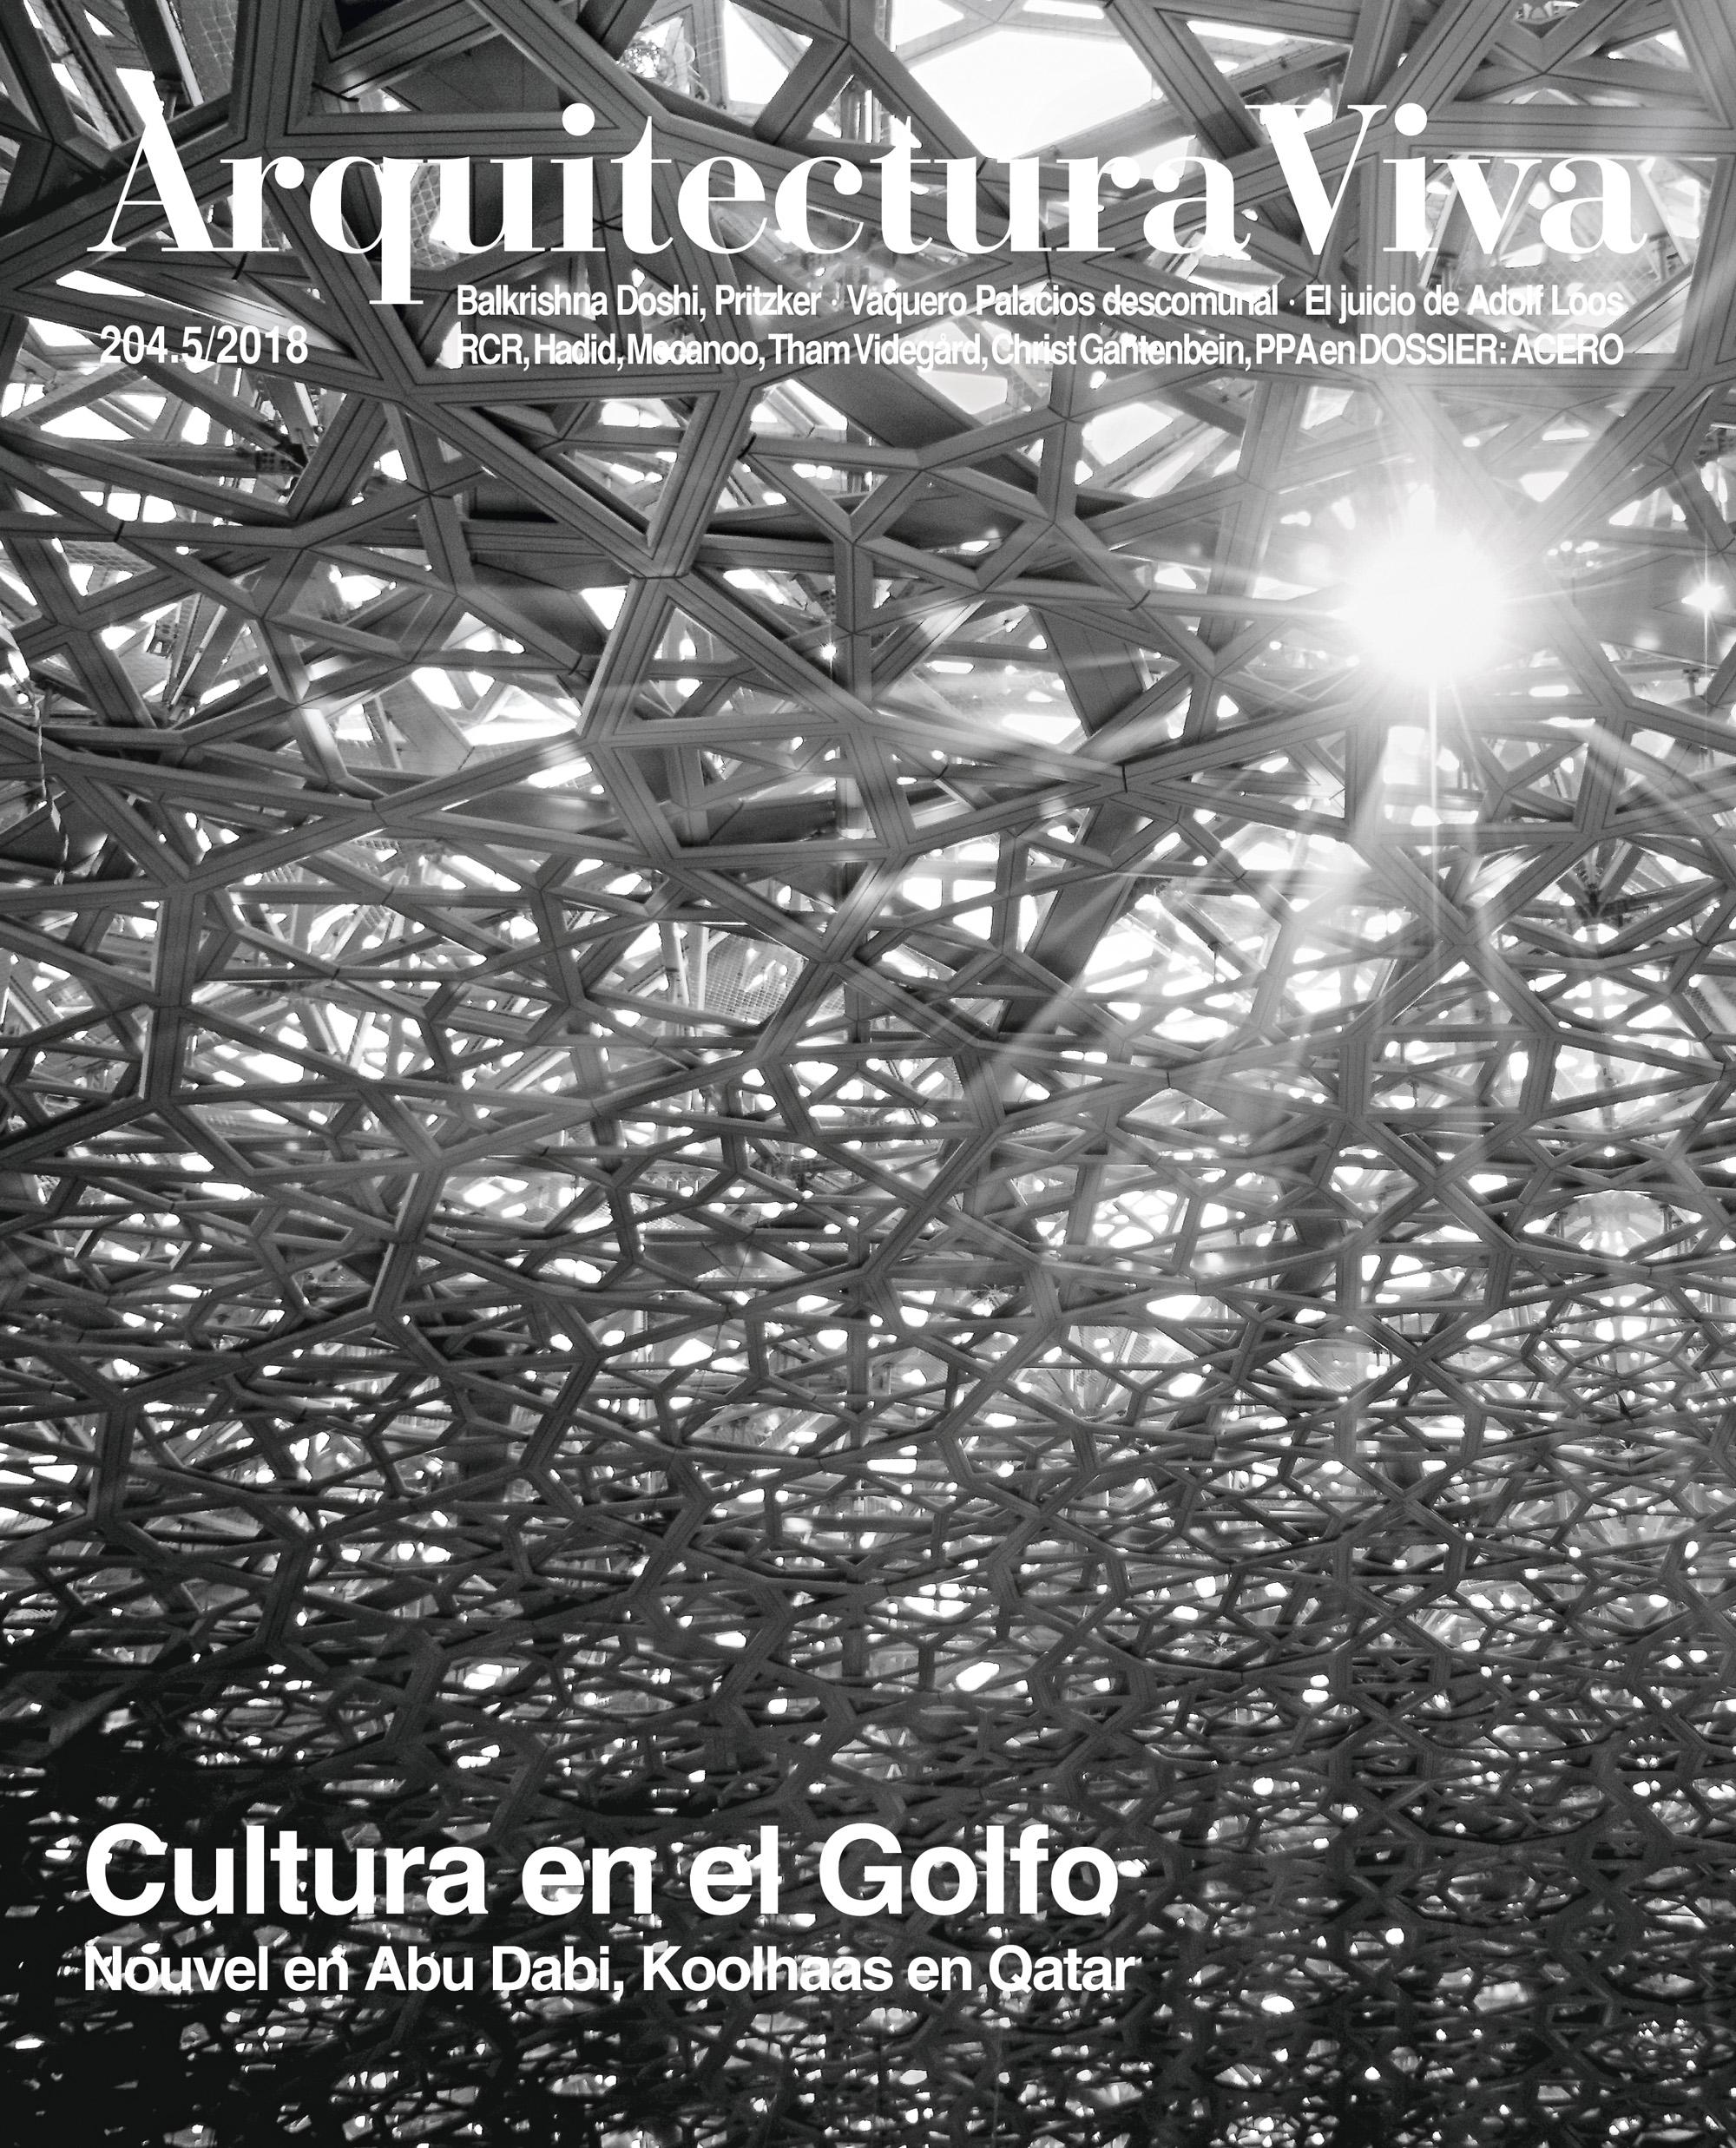 Cultura en el Golfo